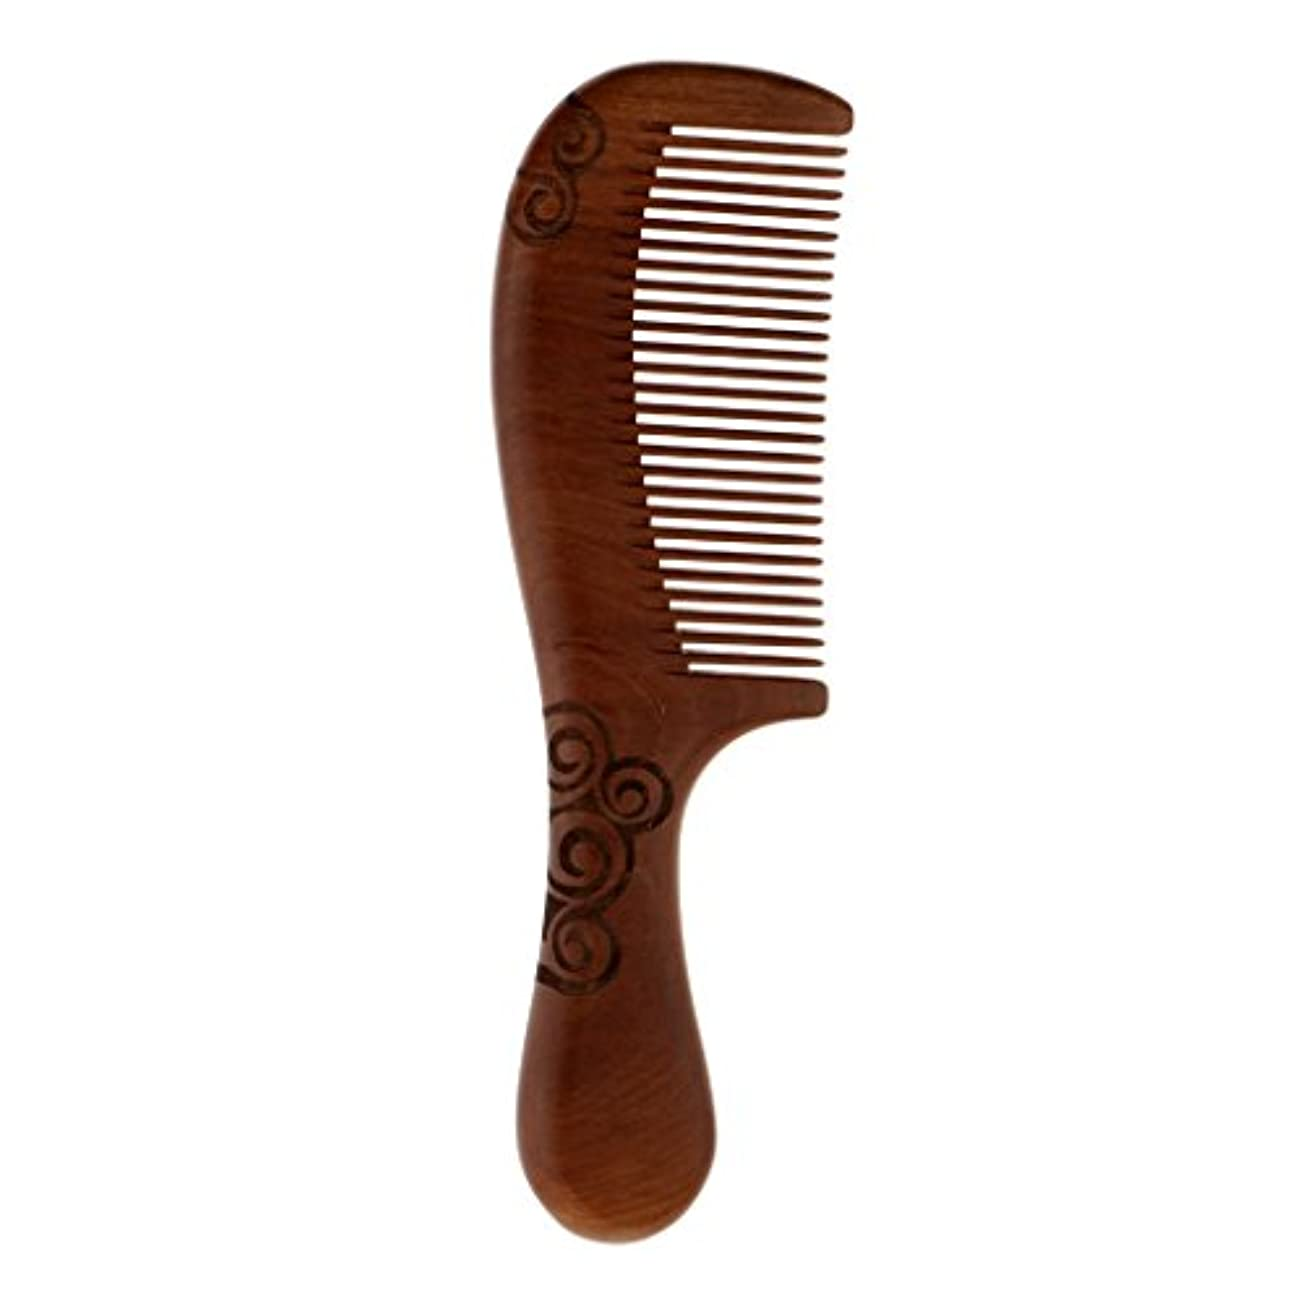 フリースあらゆる種類の粘液Injoyo ハンドヘルドピーチウッドヘアマッサージコームポケットヘアブラシファイン歯ブラシ